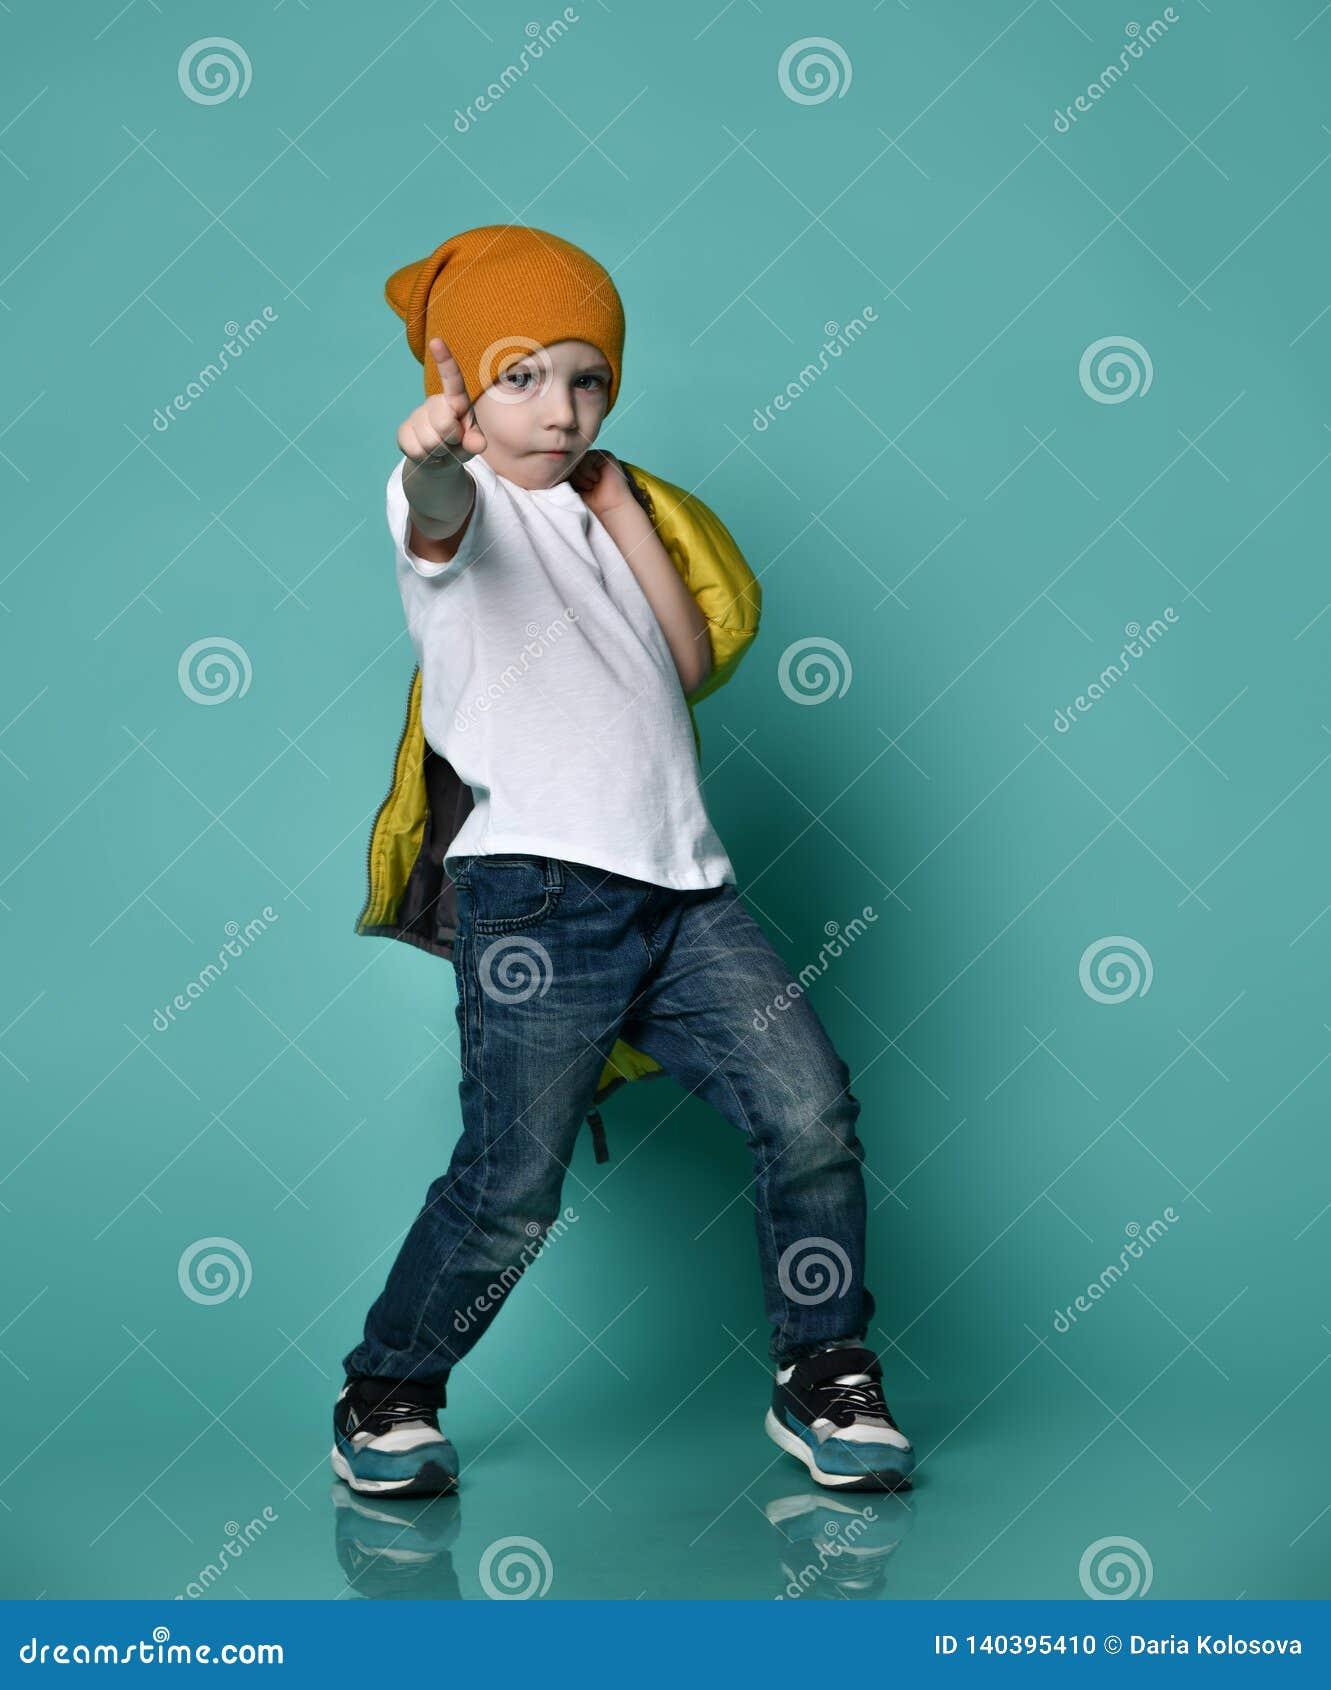 Χαριτωμένο μικρό παιδί στην άσπρα μπλούζα, το καπέλο και το σακάκι στην τοποθέτηση χεριών του μπροστά από τον πράσινο μπλε τοίχο